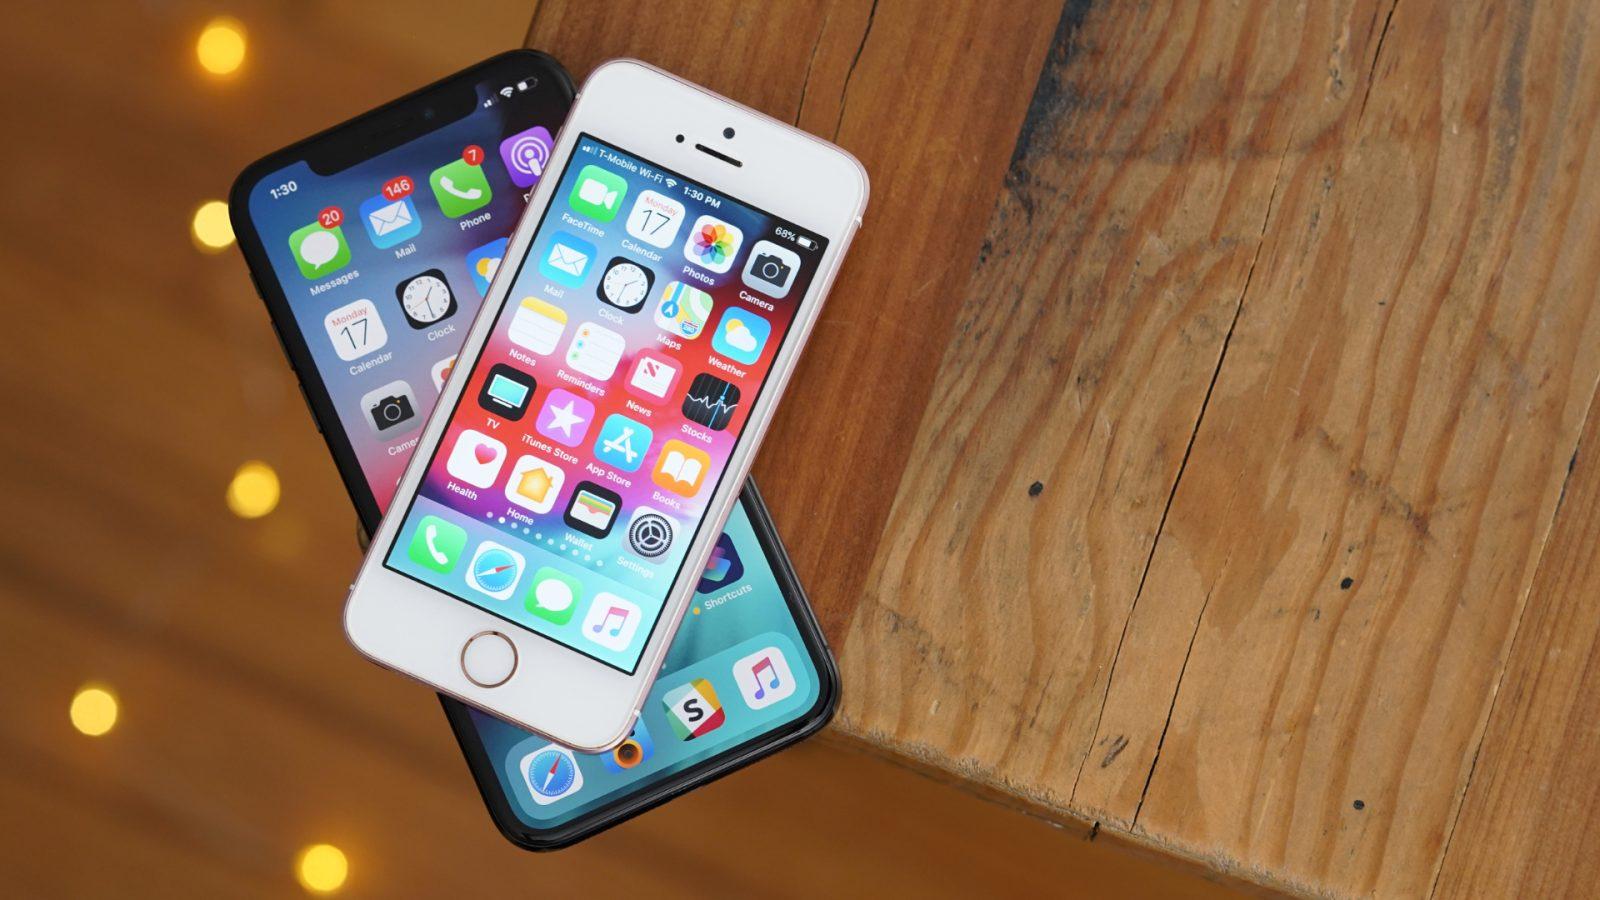 AppleTurkiarako kaleratutako iOS eguneratzeak mundu osoko erronka berrietarako bidea ireki zuen